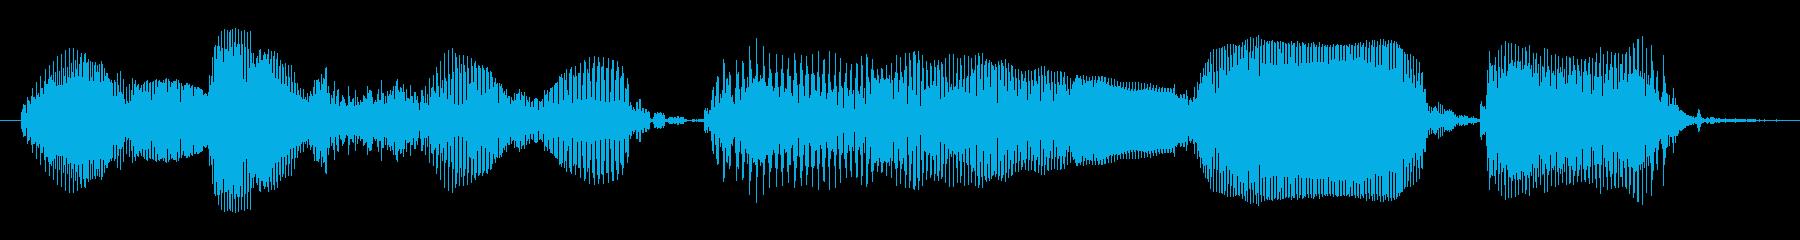 今すぐダウンロード (落ち着いた声)の再生済みの波形